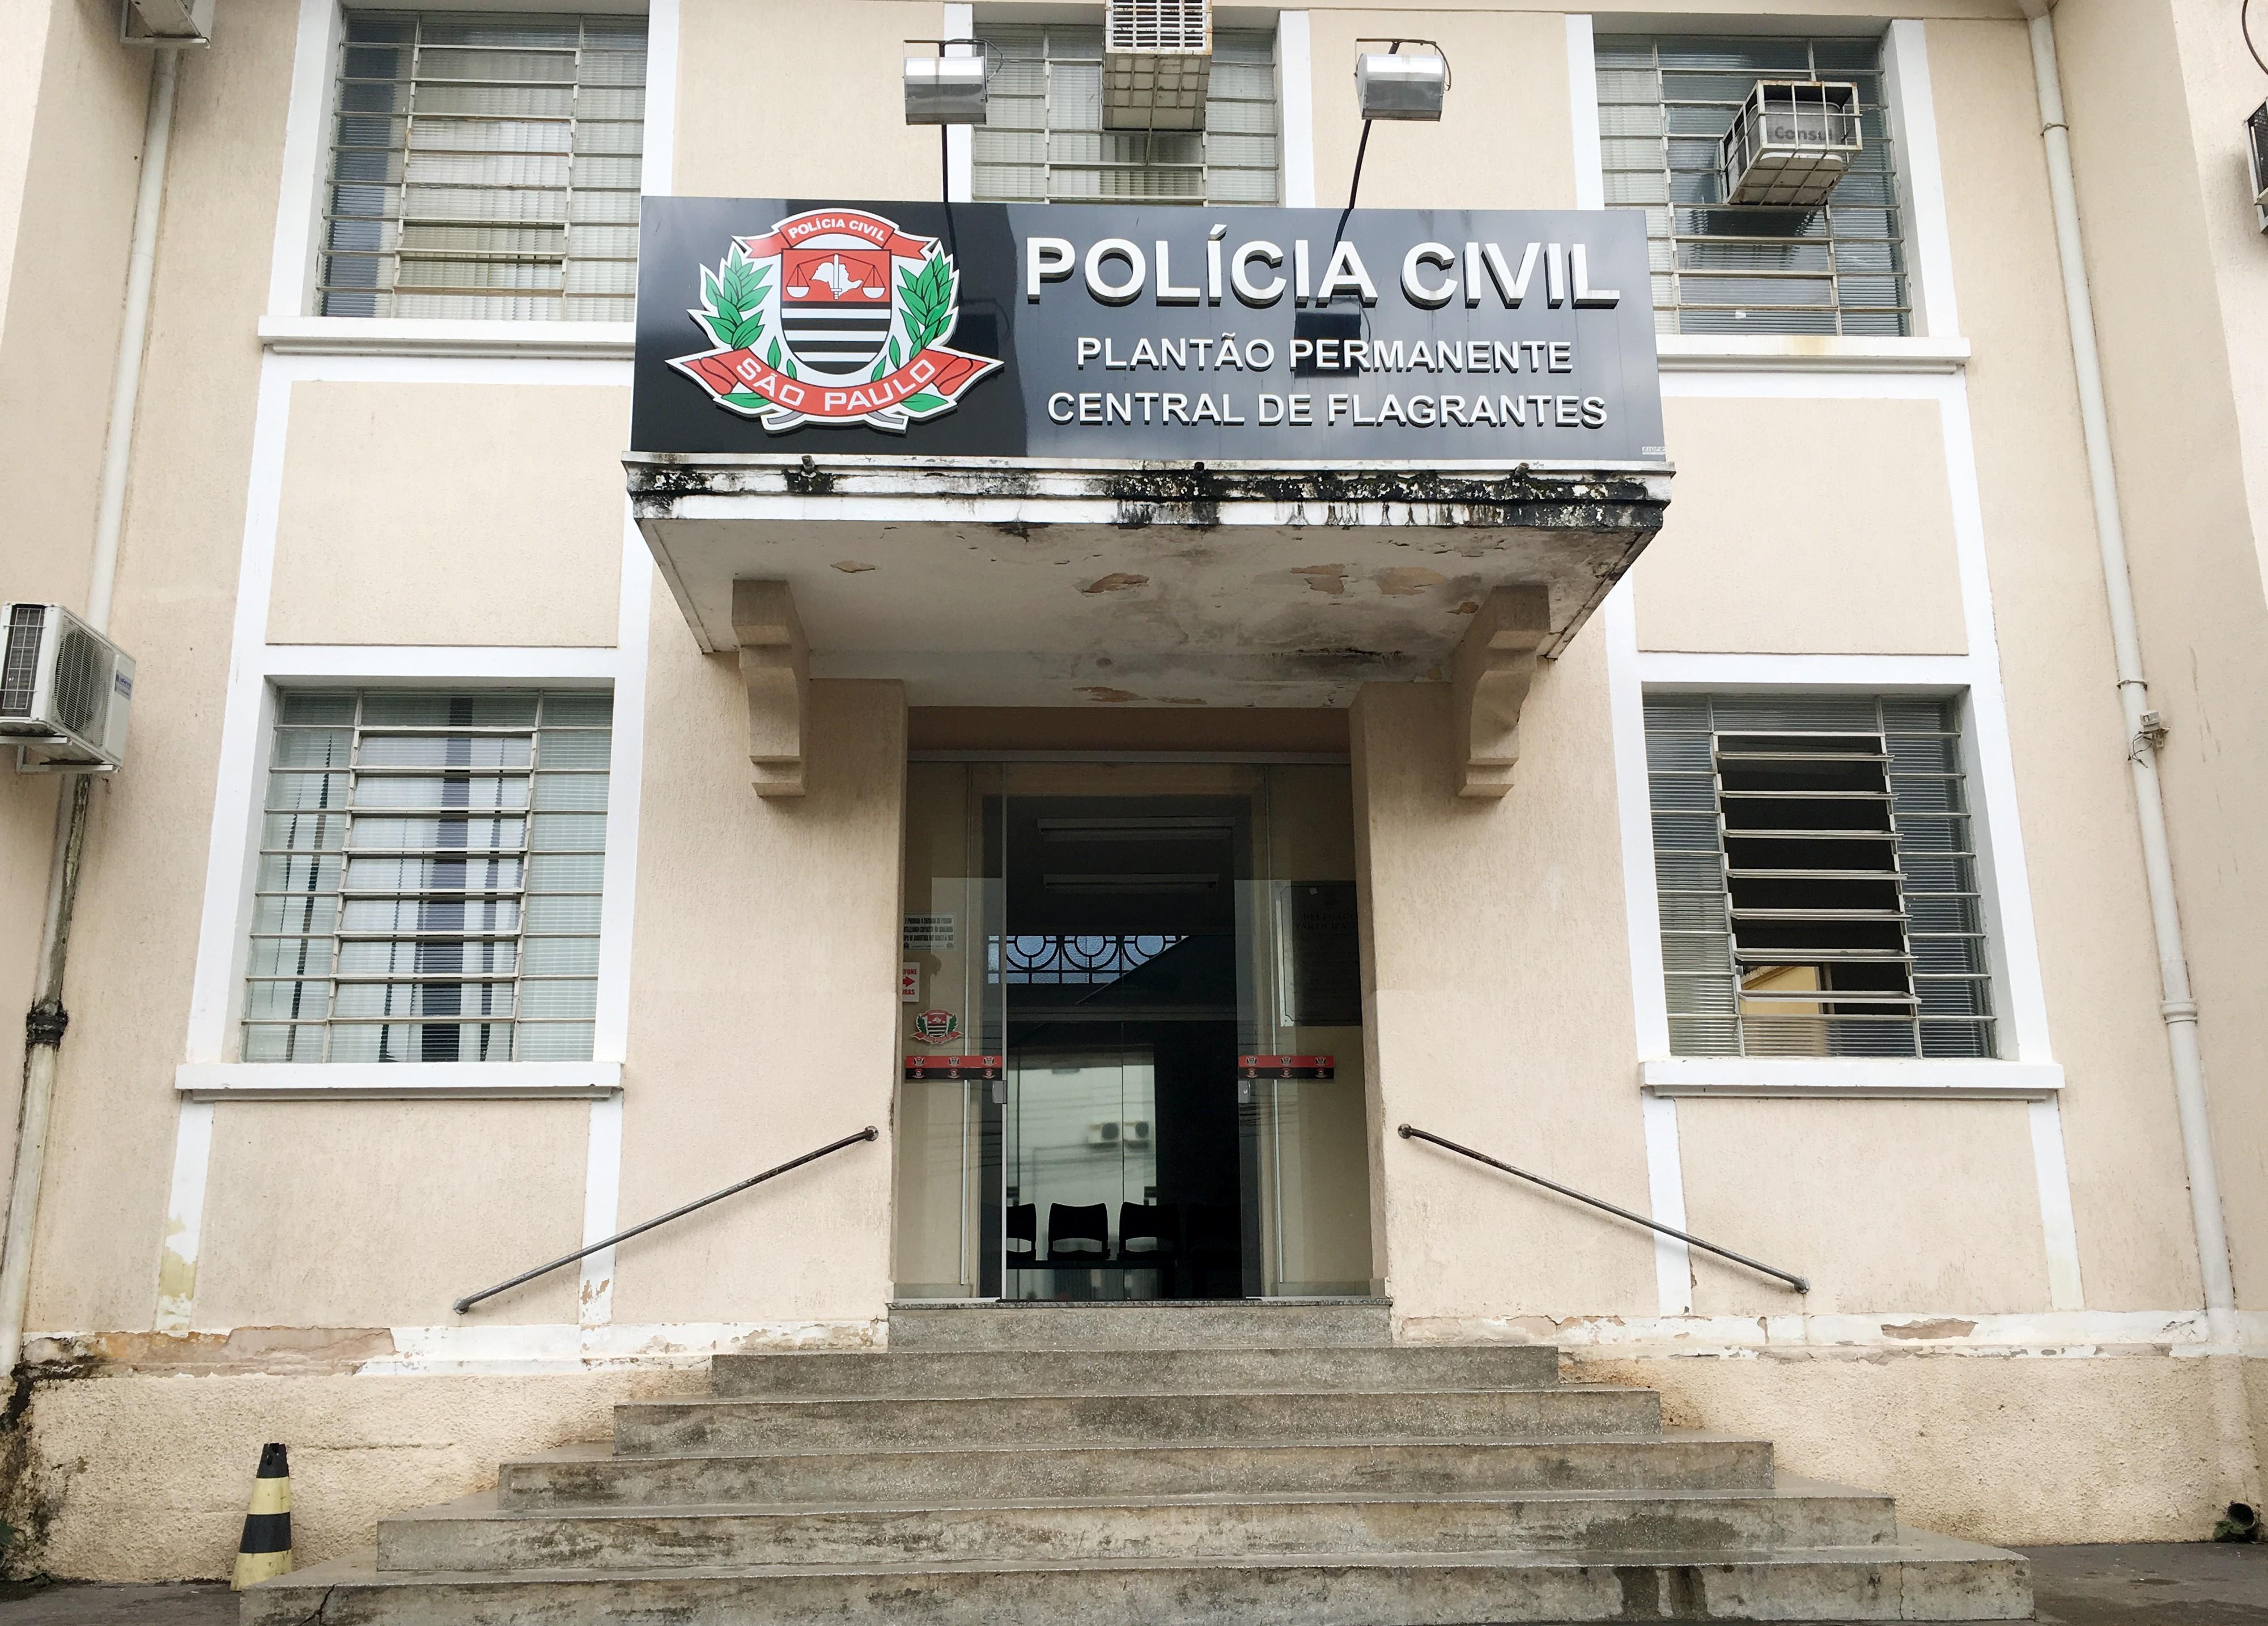 Embriagado e 'alterado', homem lesiona a própria mãe e acaba preso em Presidente Prudente